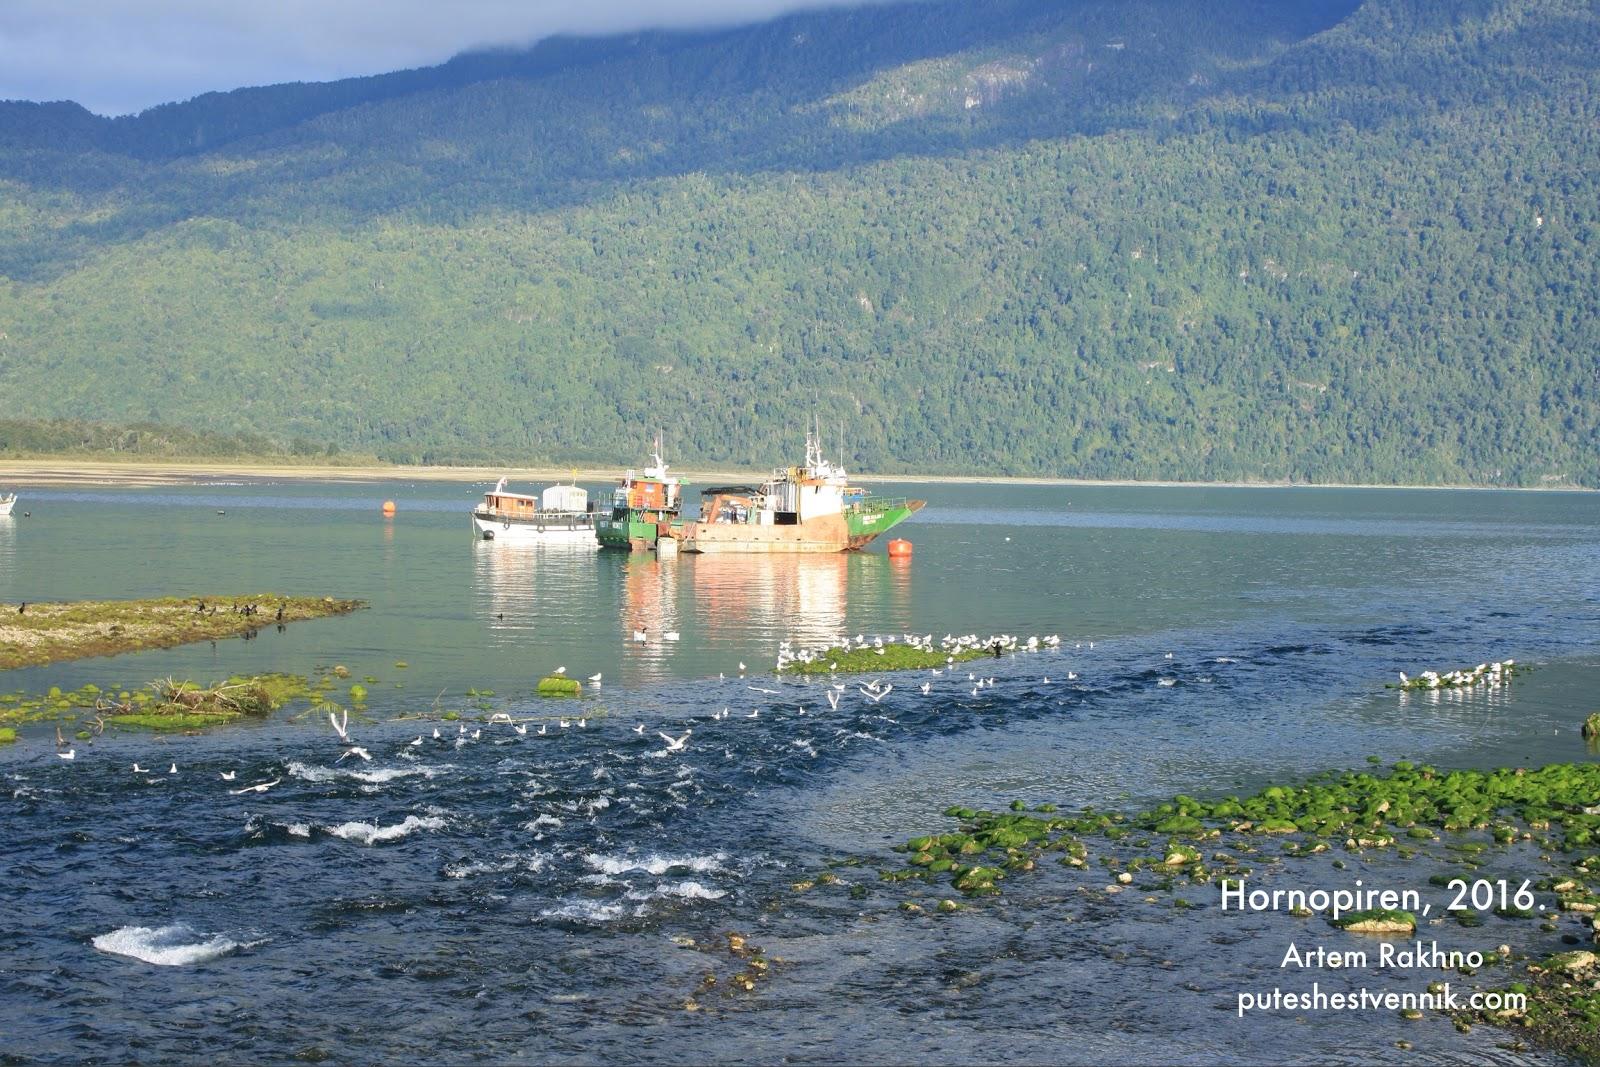 Устье реки и чайки в Чили